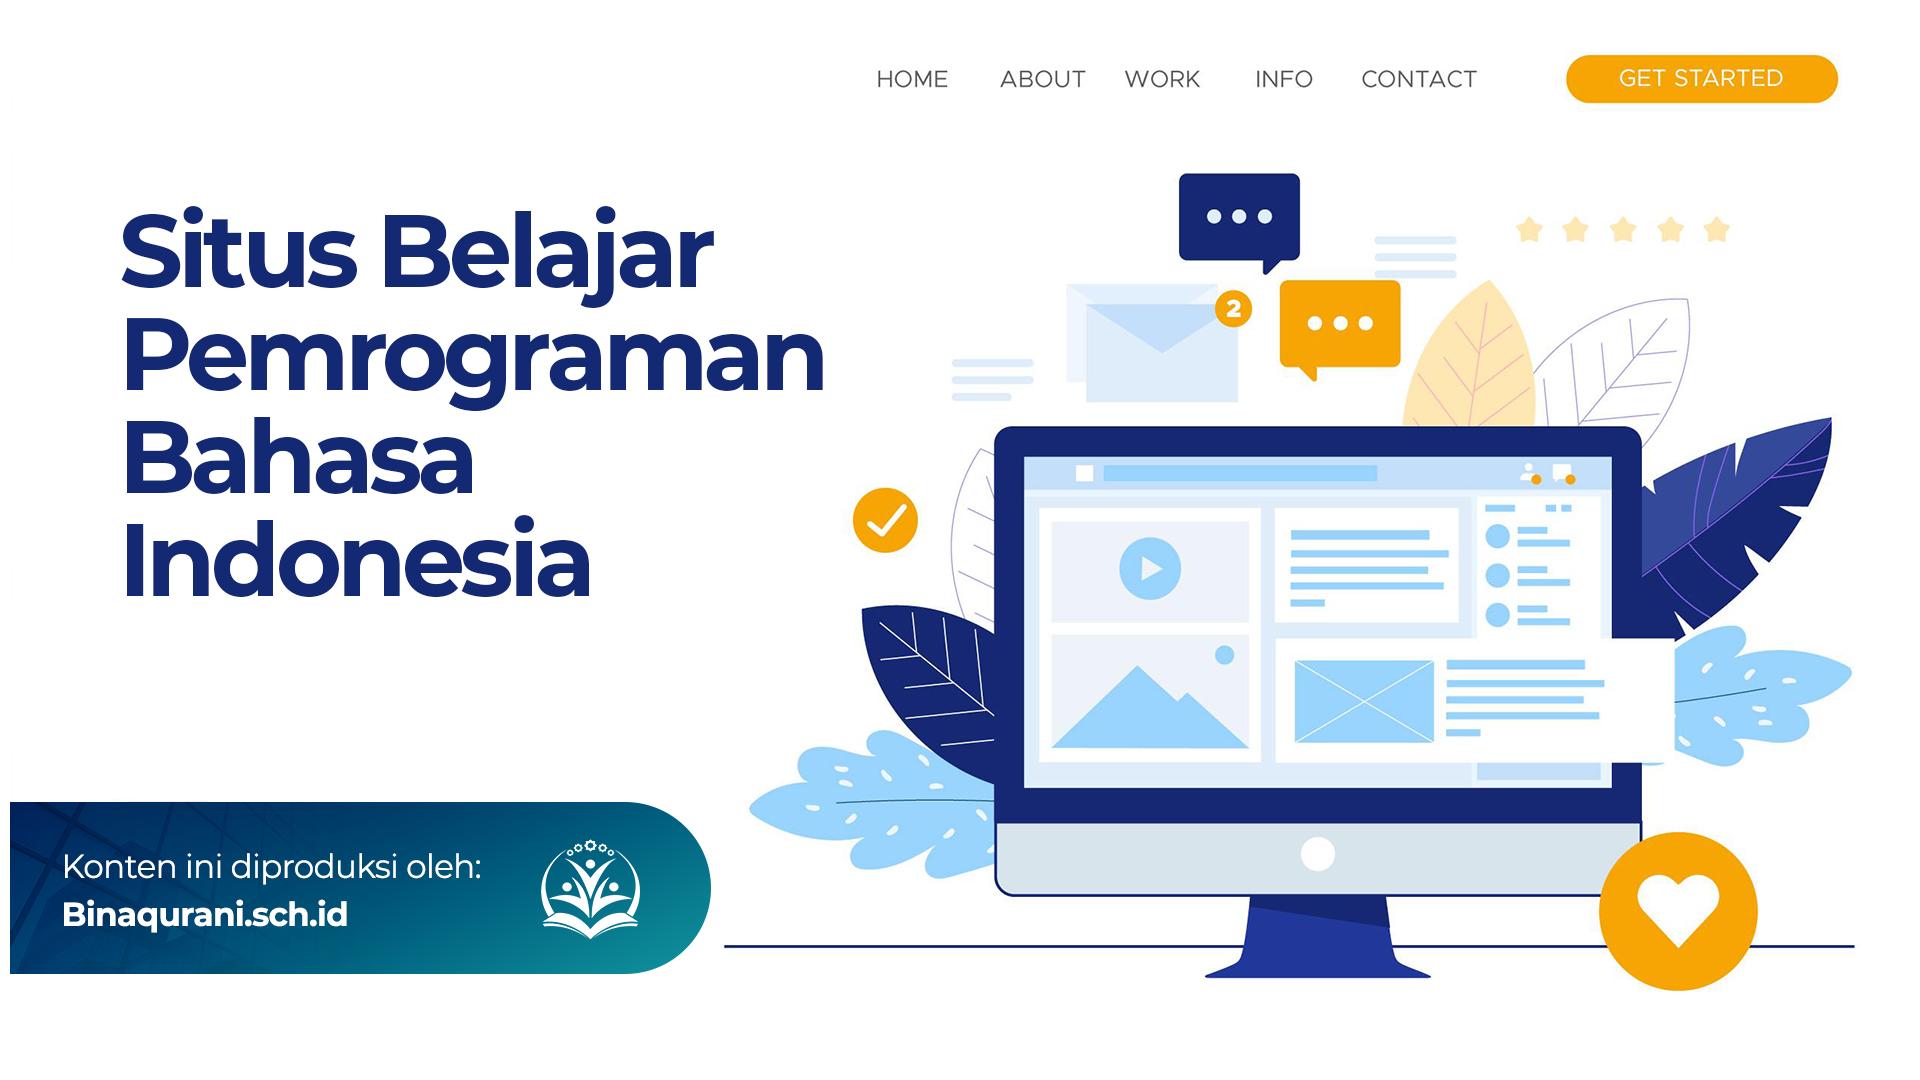 Bina-Qurani-Situs-Belajar-Pemrograman-Bahasa-Indonesia